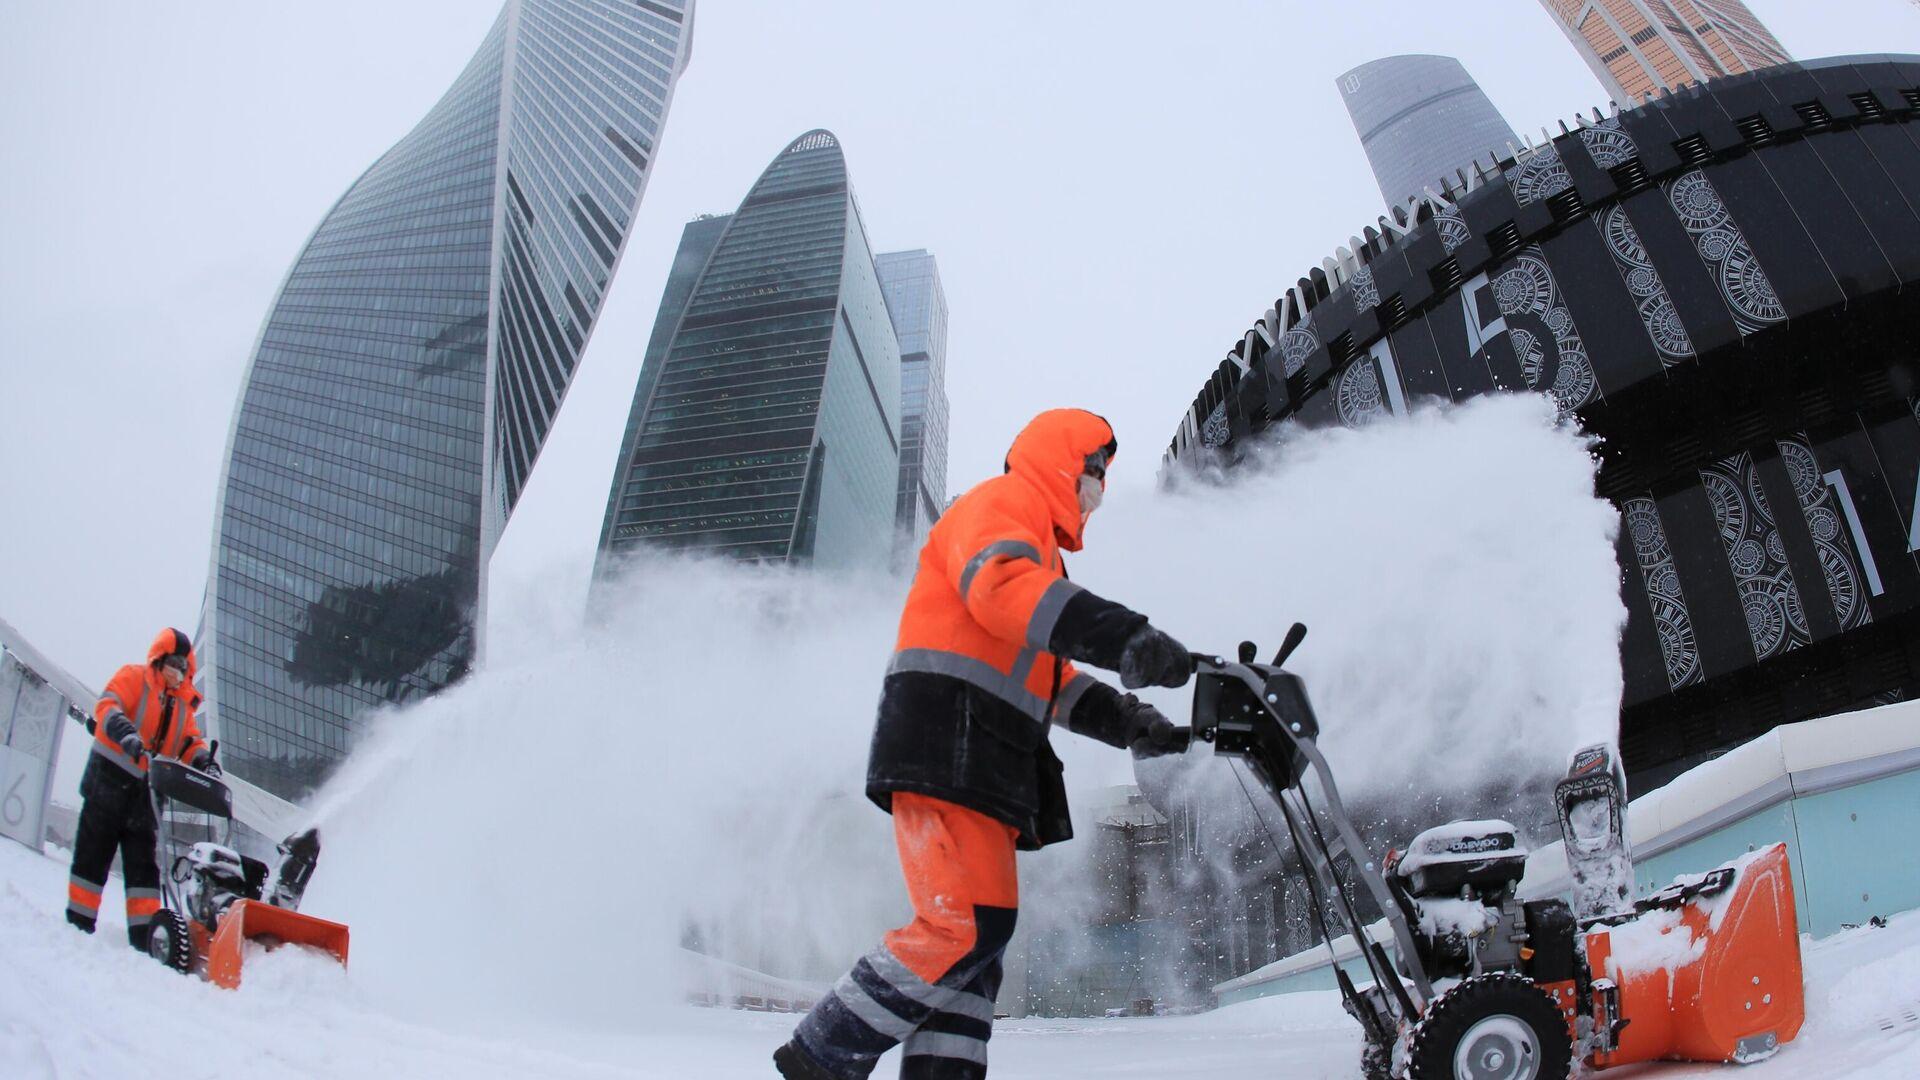 Сотрудники коммунальной службы убирают снег с площади у делового центра Москва-сити - РИА Новости, 1920, 30.06.2021